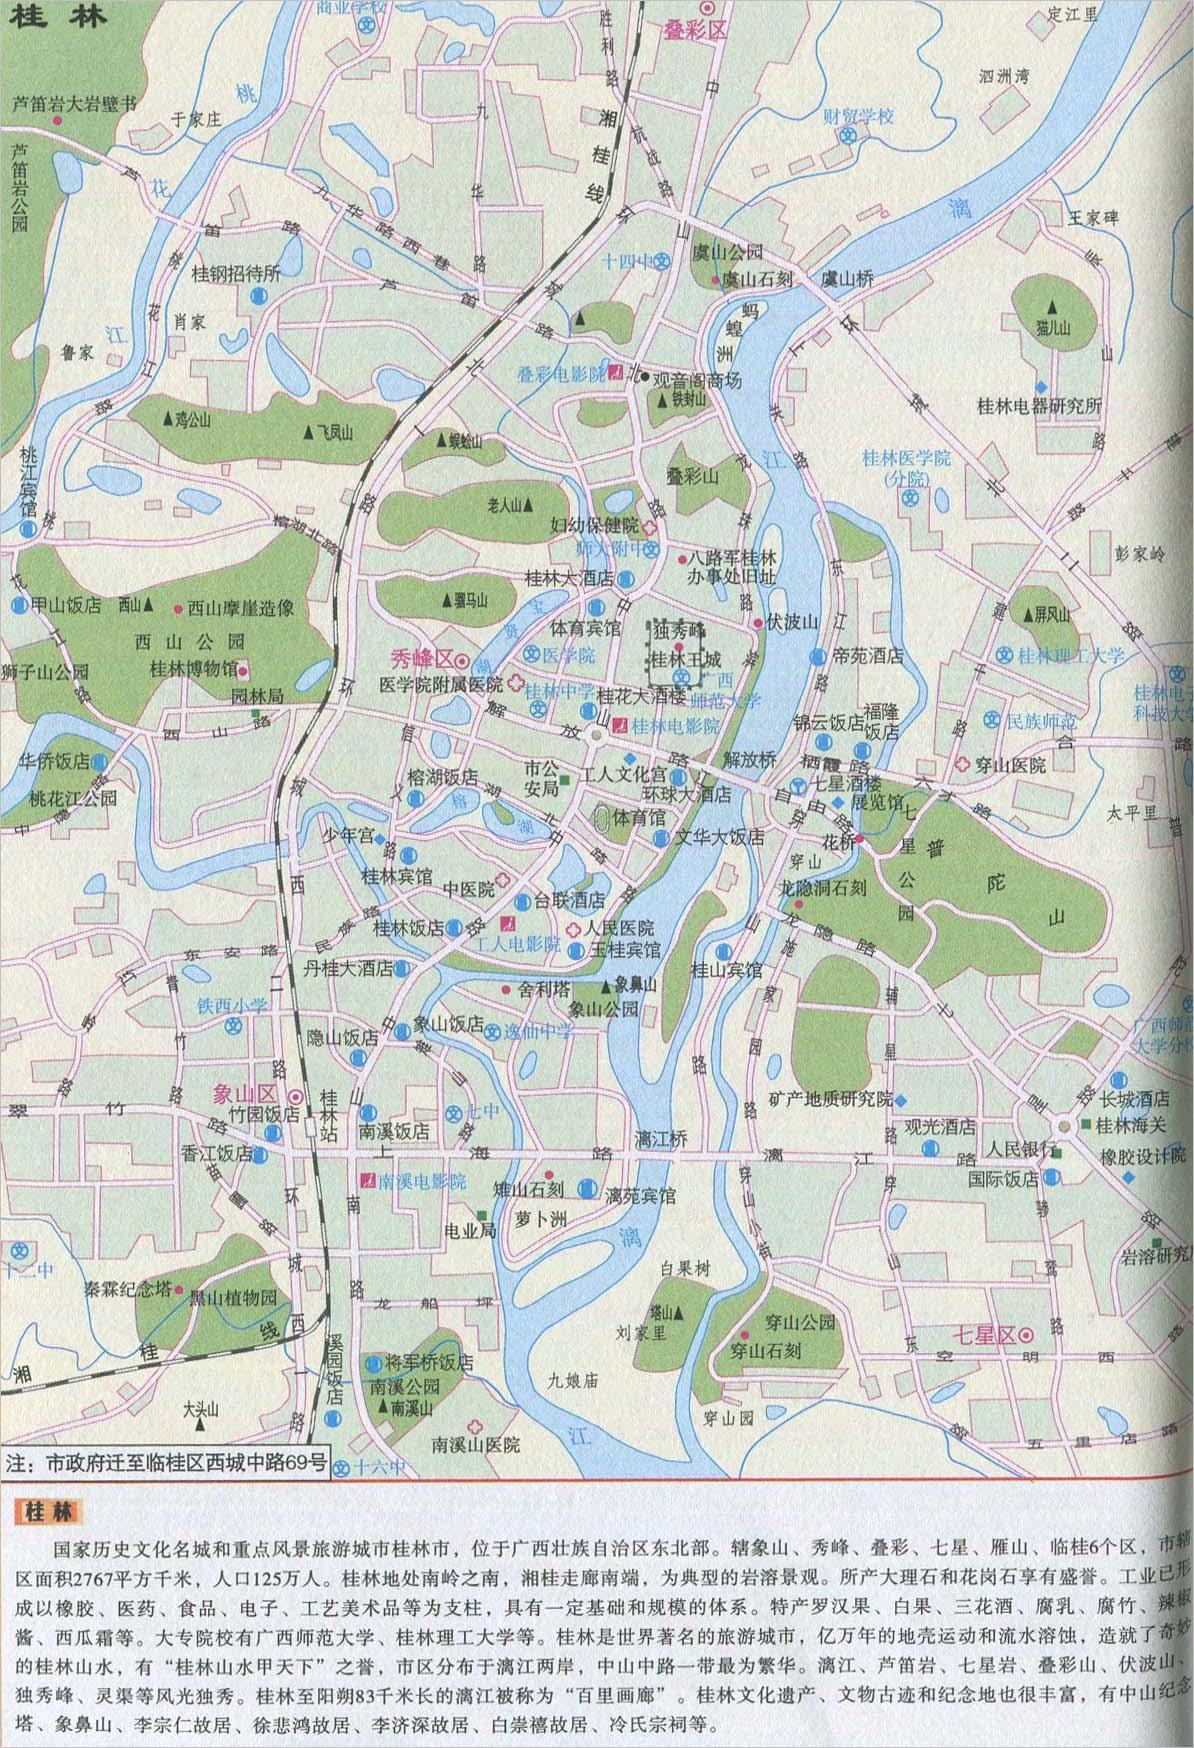 桂林城区旅游地图